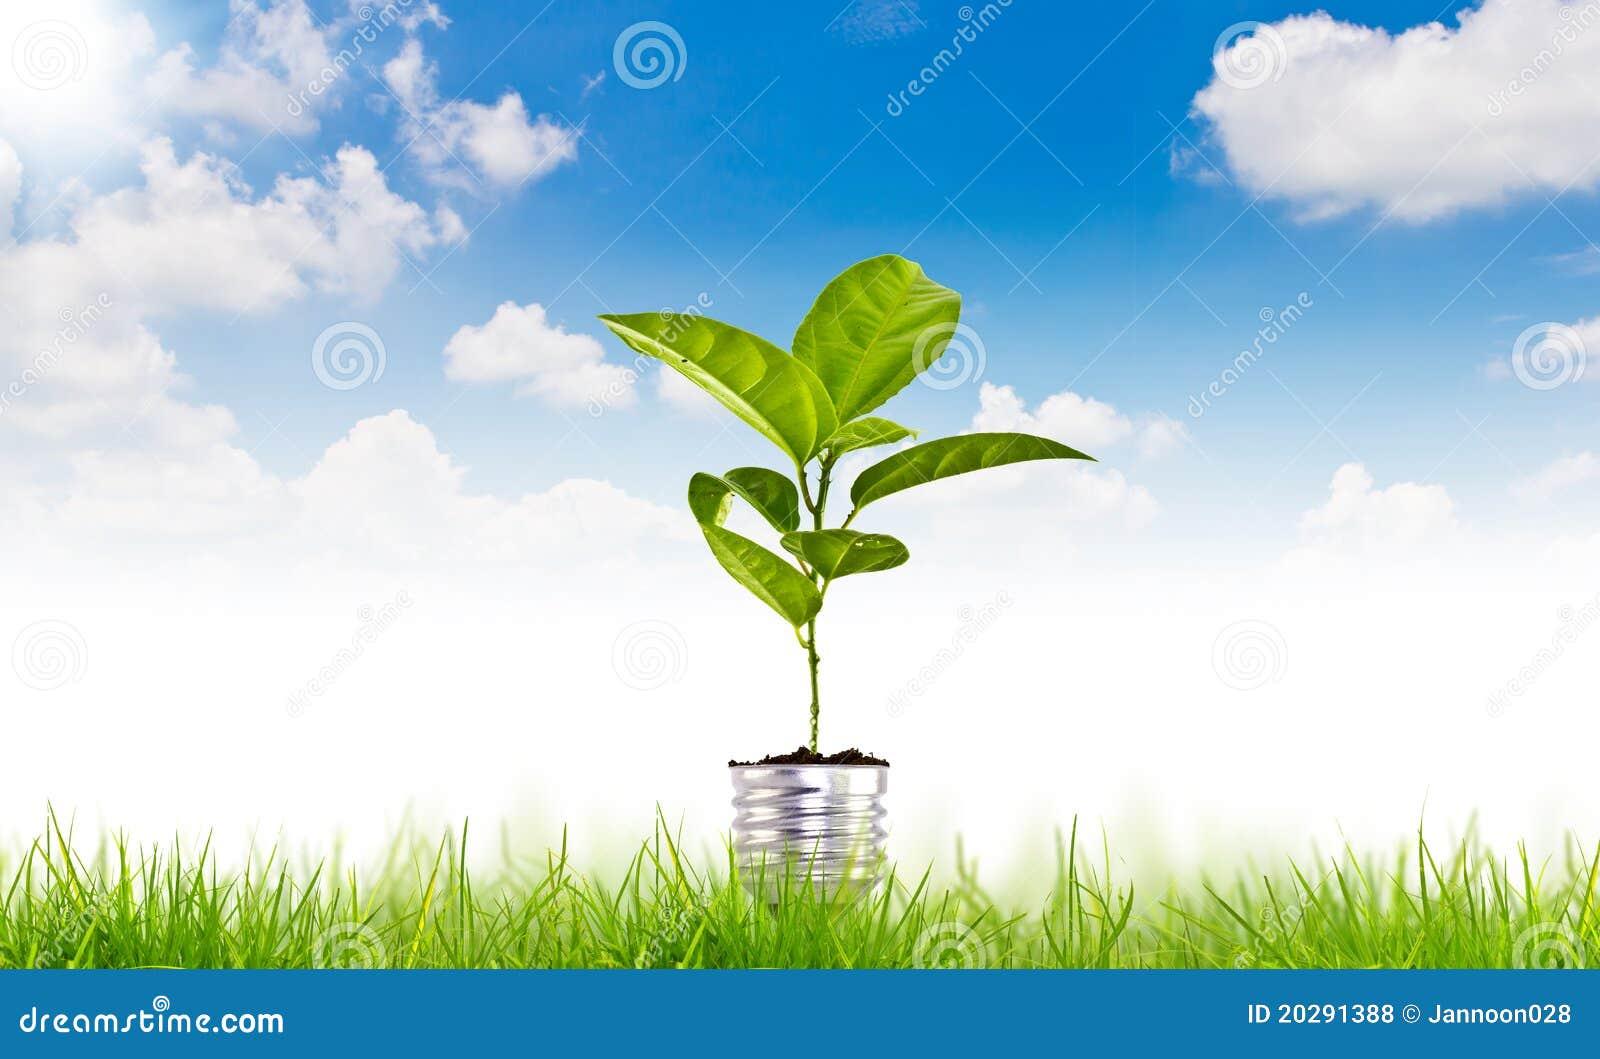 Groen energiesymbool over blauwe hemel